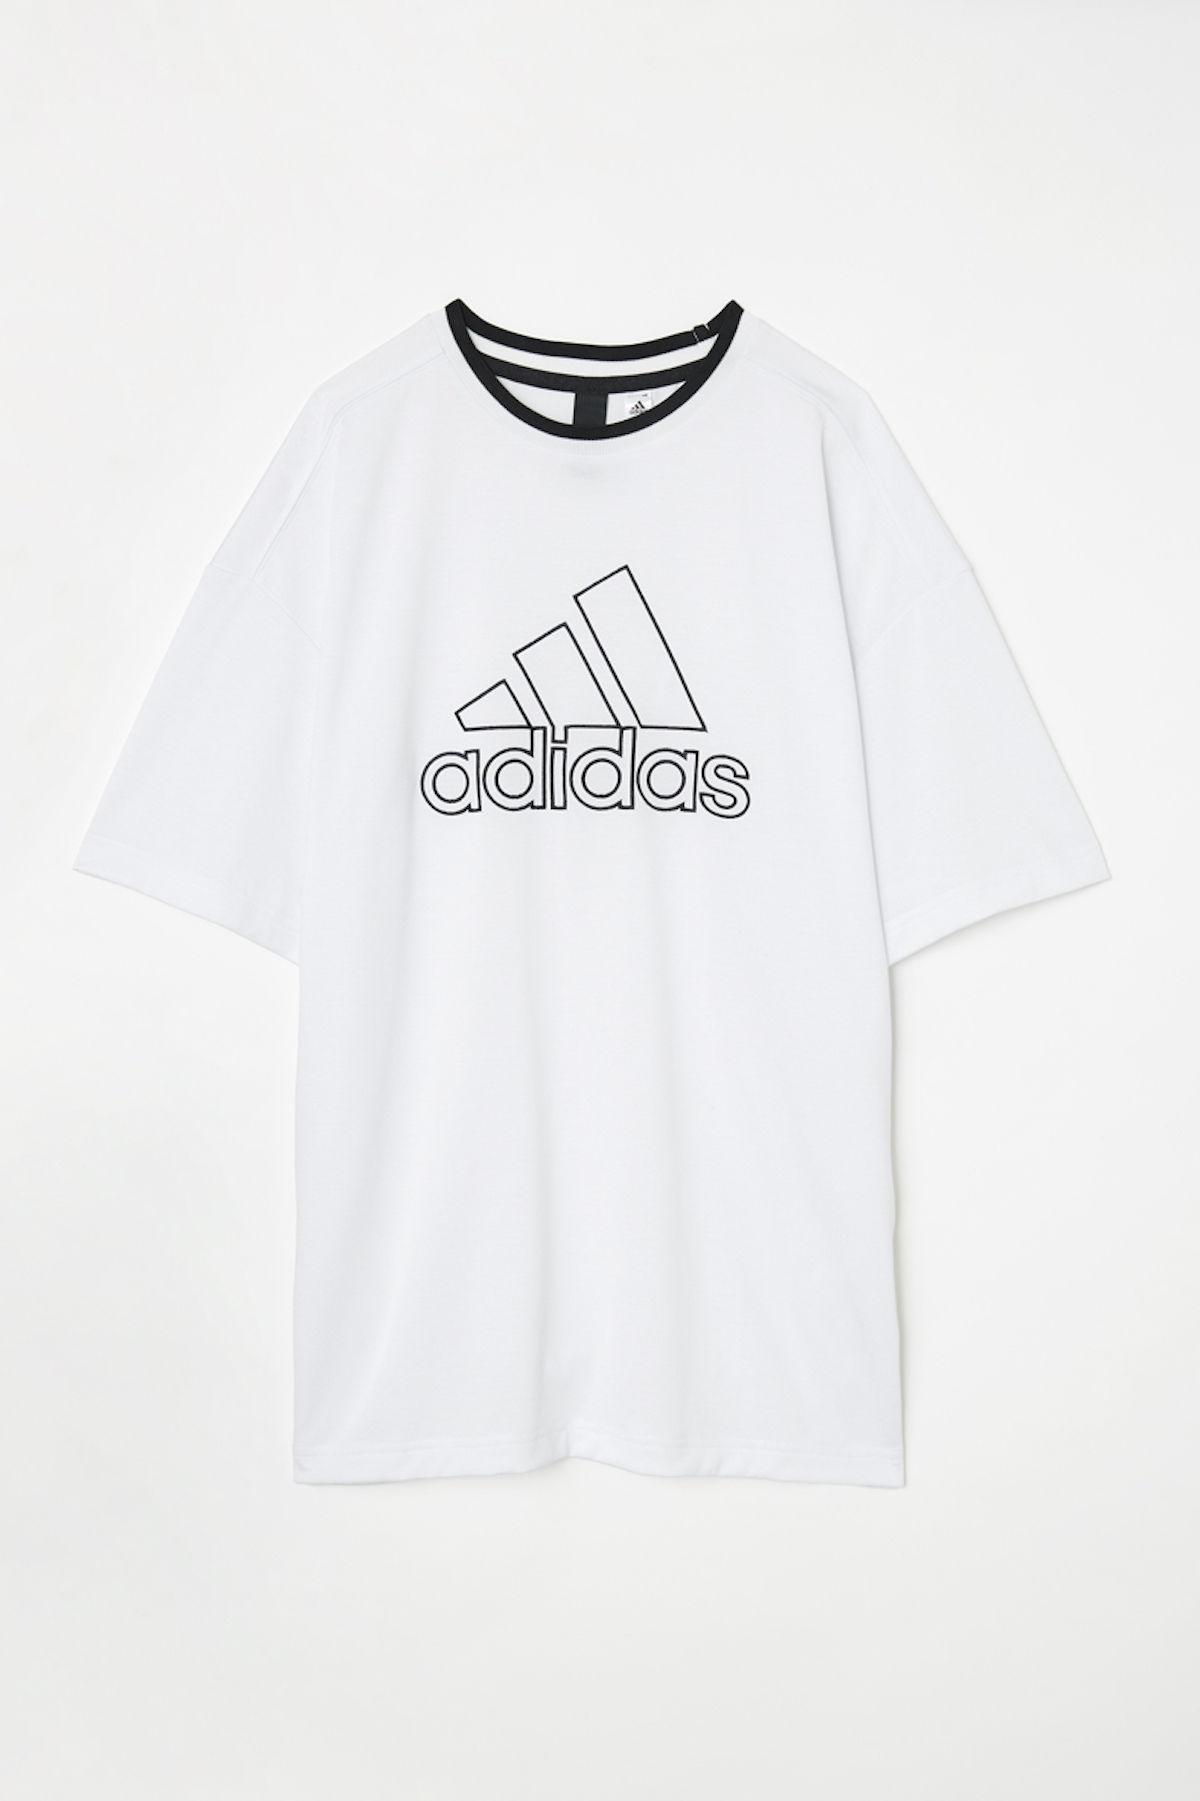 adidas×MOUSSY 第3弾コレクション発売決定!ファッションとスポーツの融合を体現したコレクション life180223_adidas_moussy_04-1200x1801